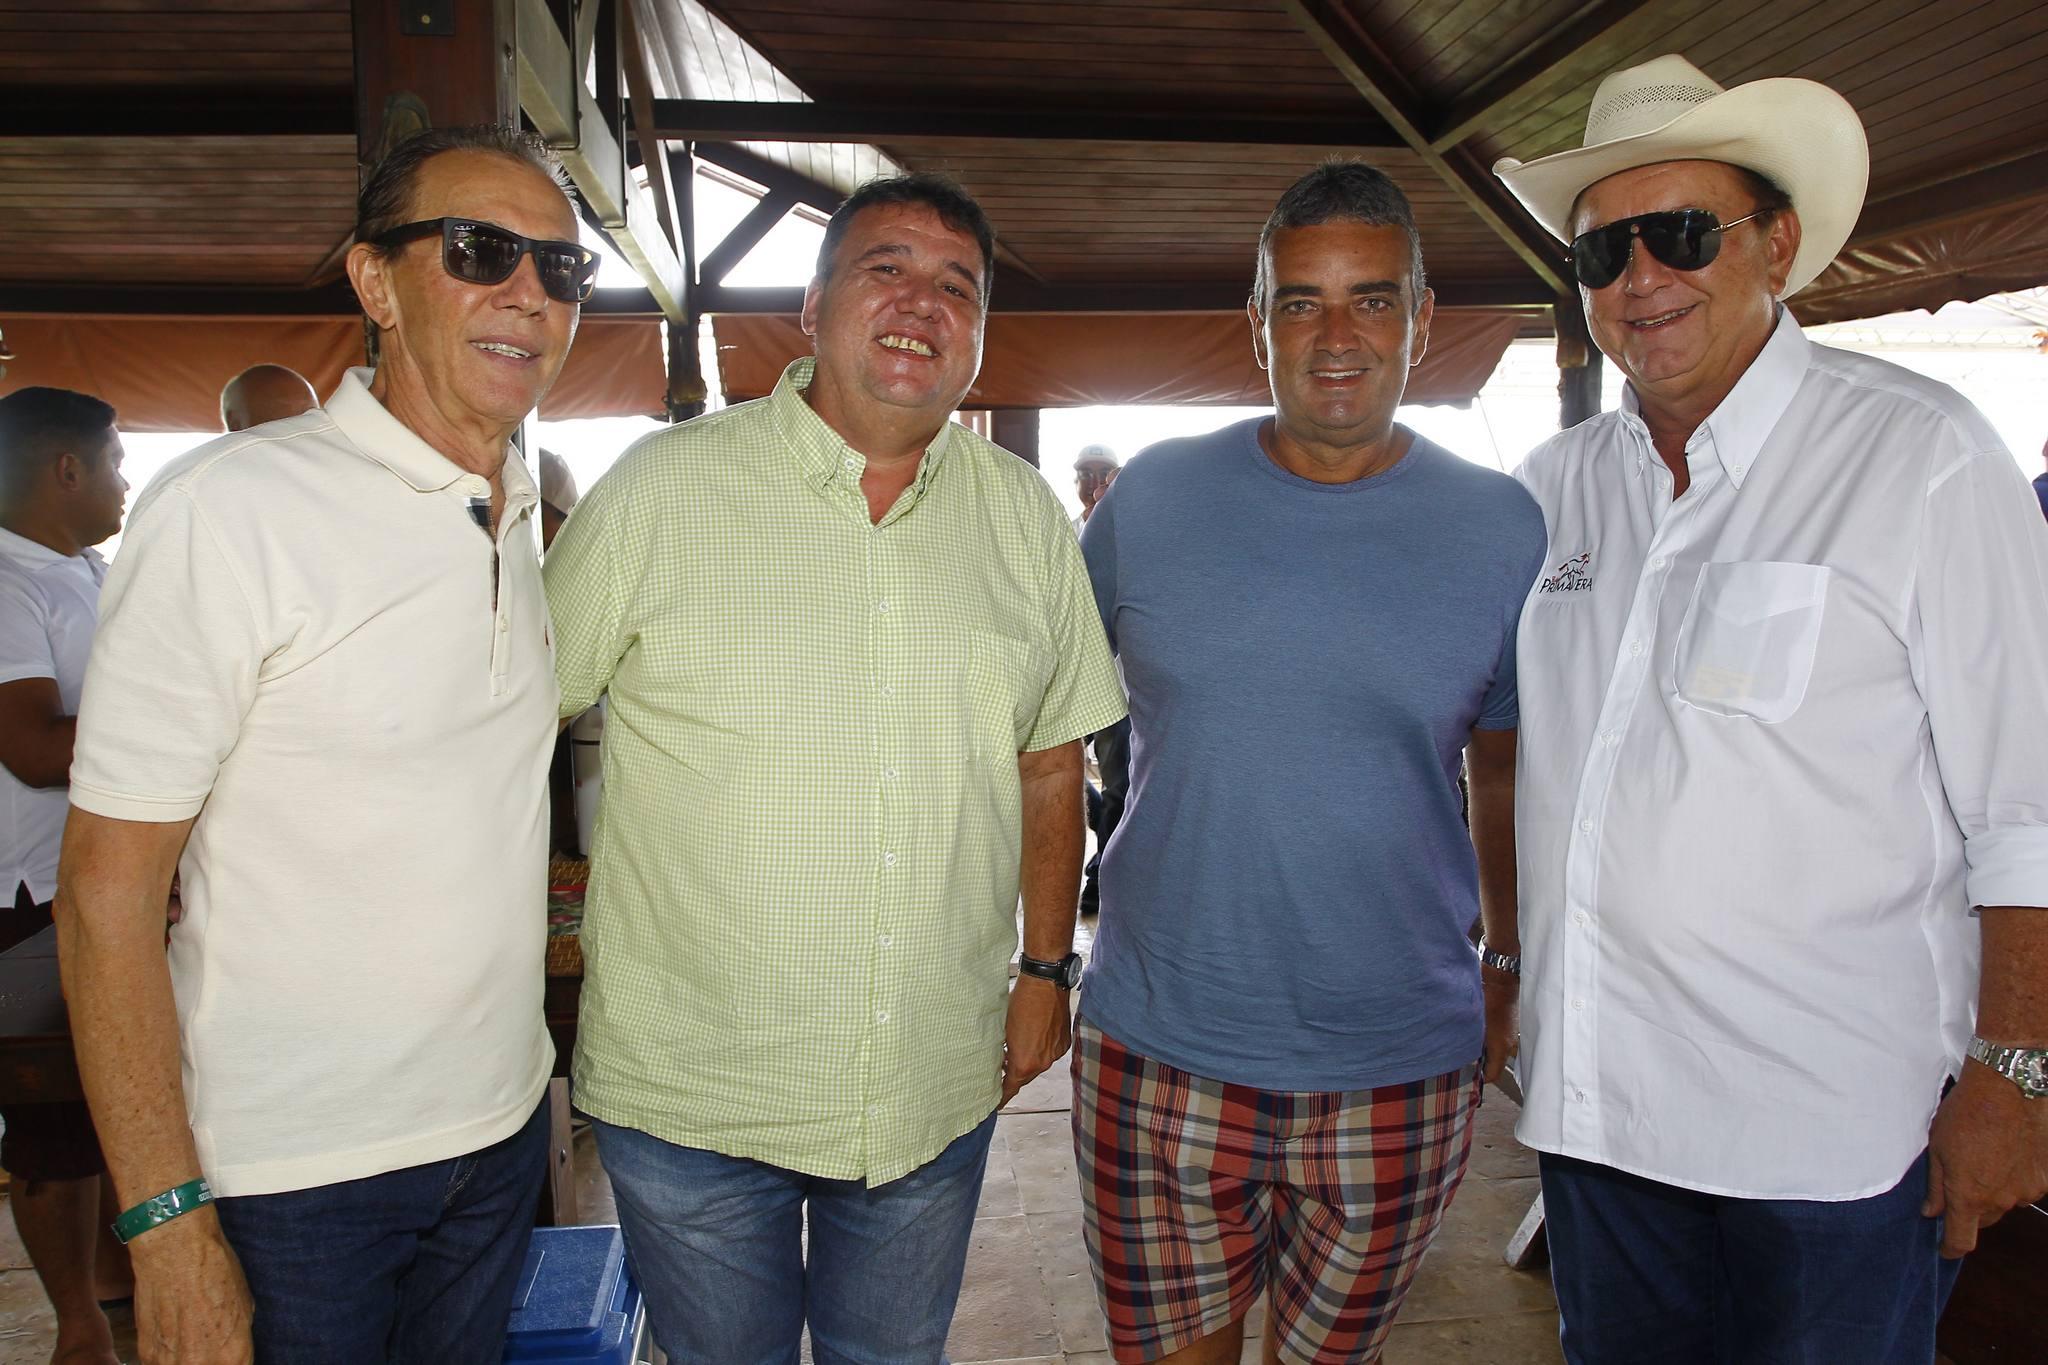 Ze Gerardo Pontes, Fabio, Mauricio E Rafael Leal